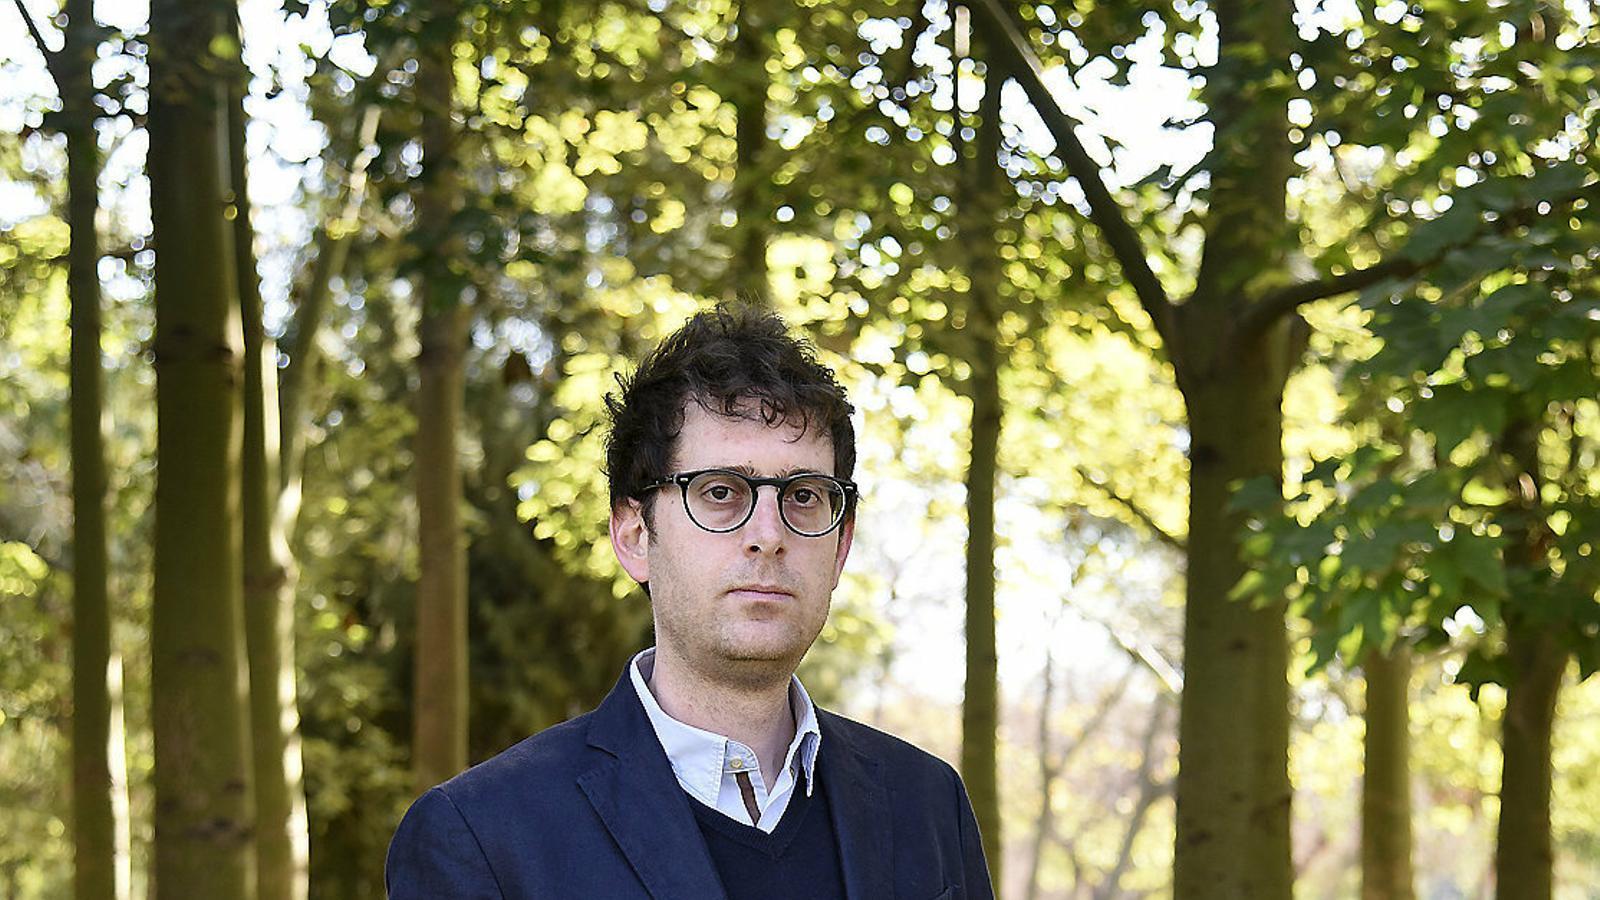 Lucas Marco ha rebut la beca Josep Torrent de periodisme d'investigació atorgada per la Unió de Periodistes.